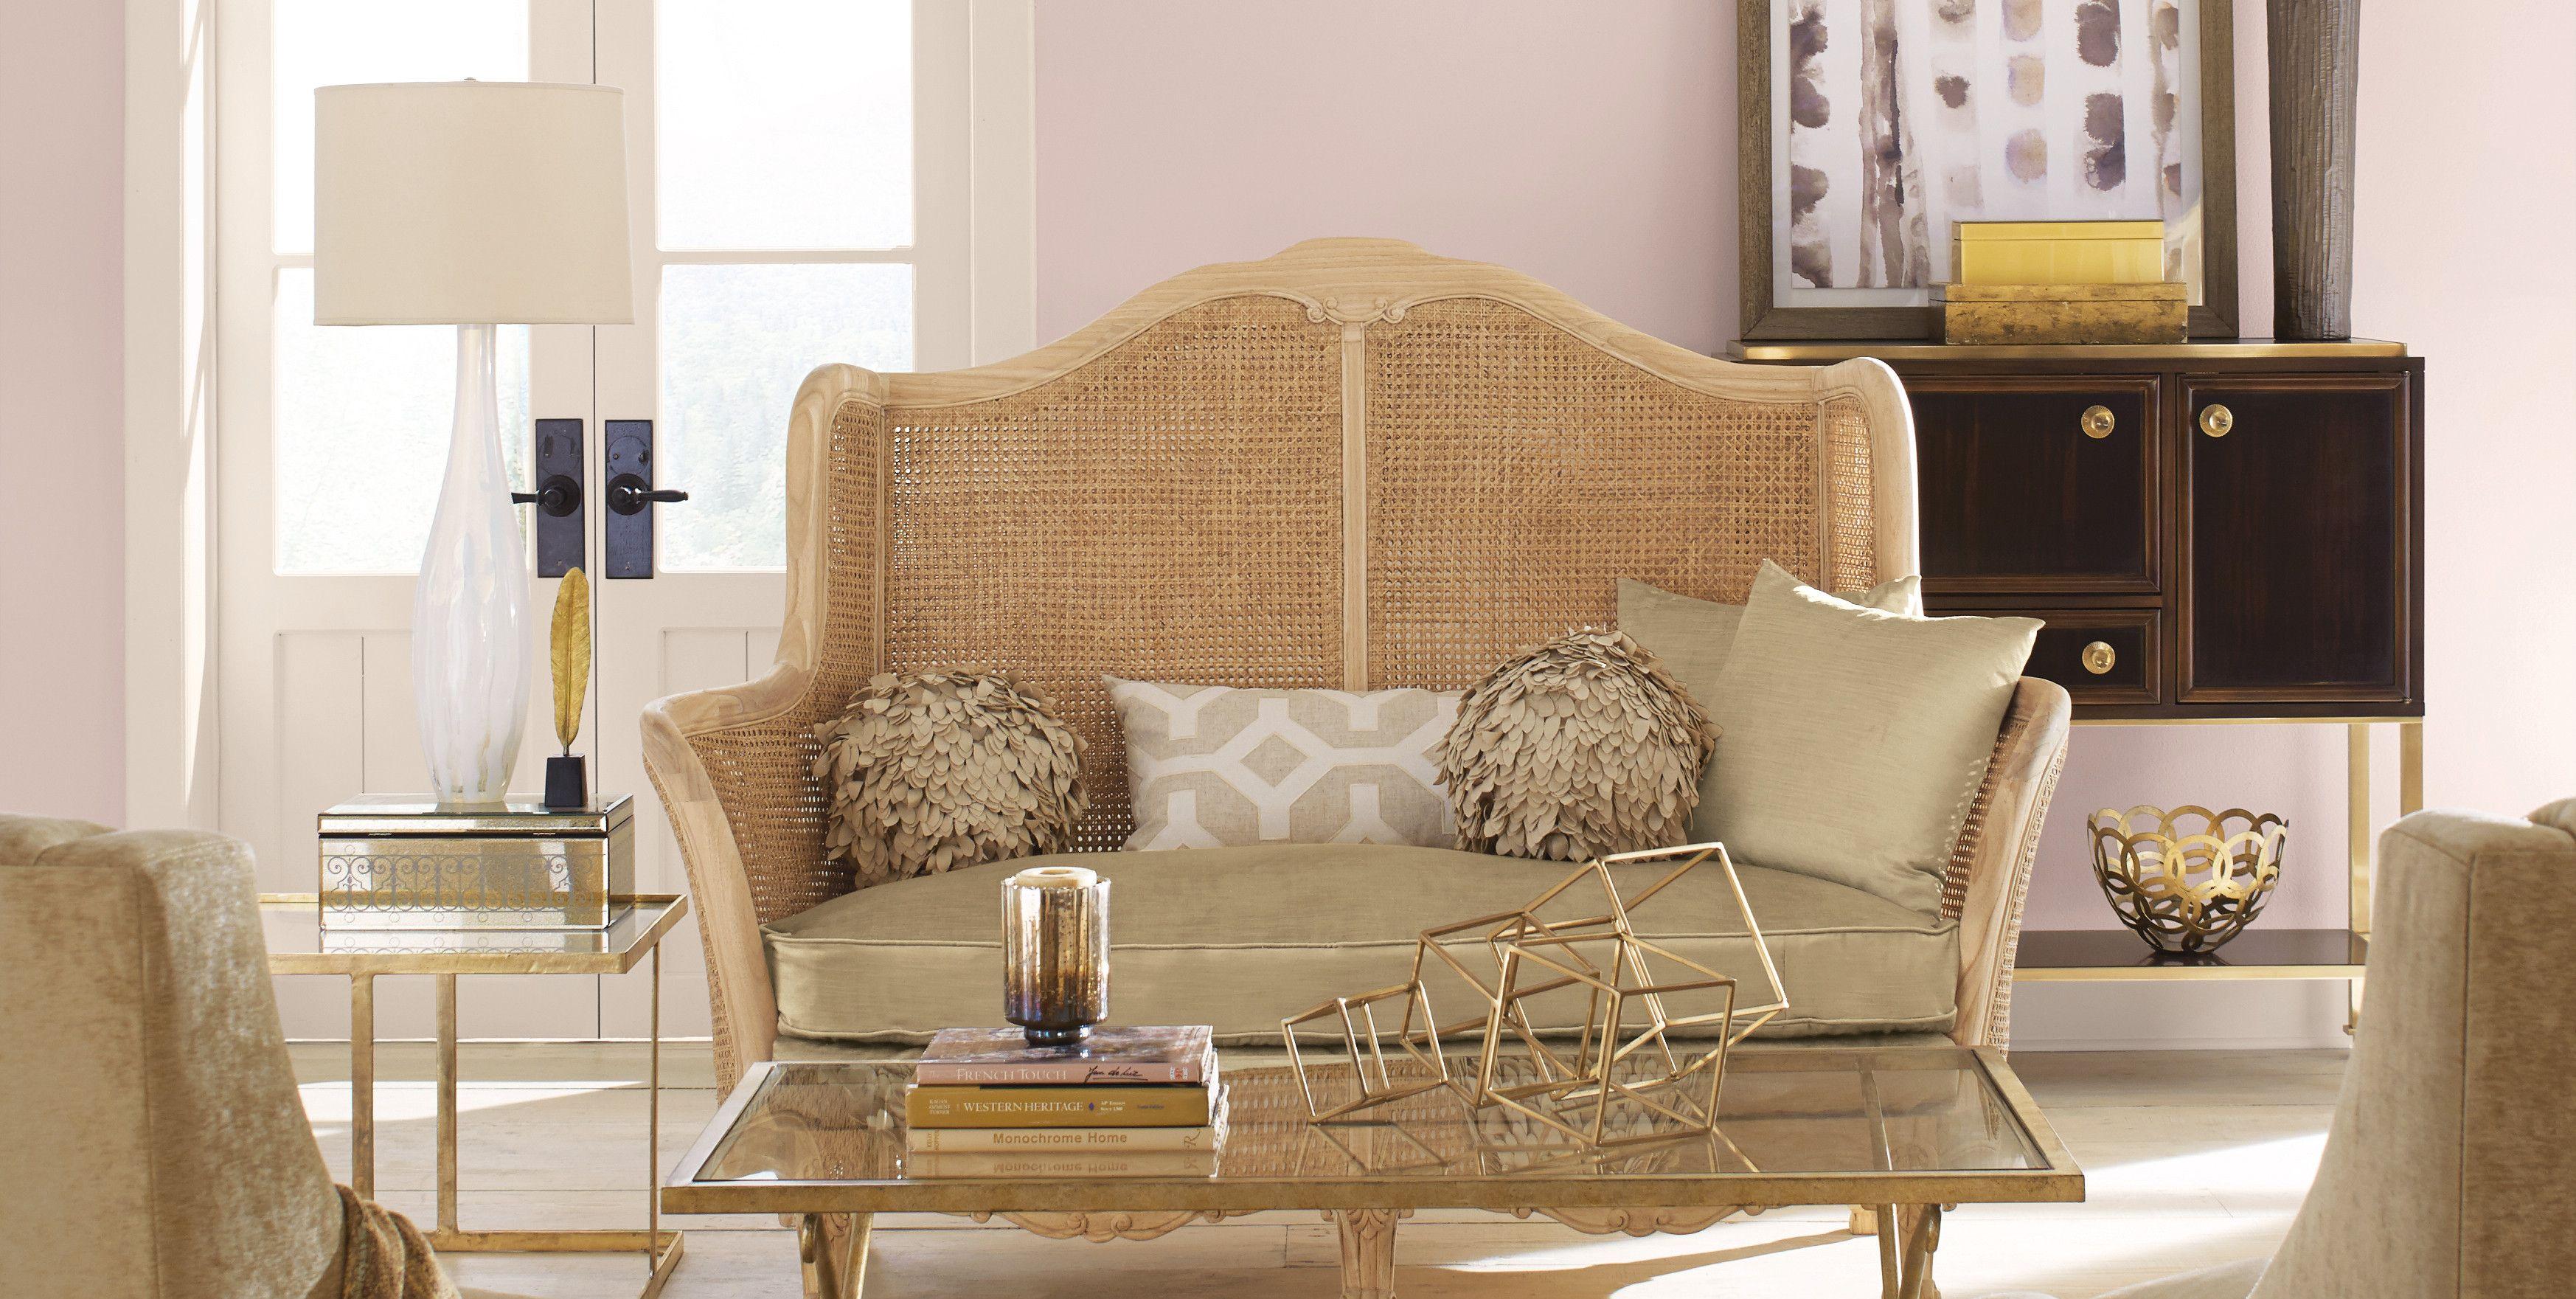 Pink Rooms - Rose Quartz Interiors